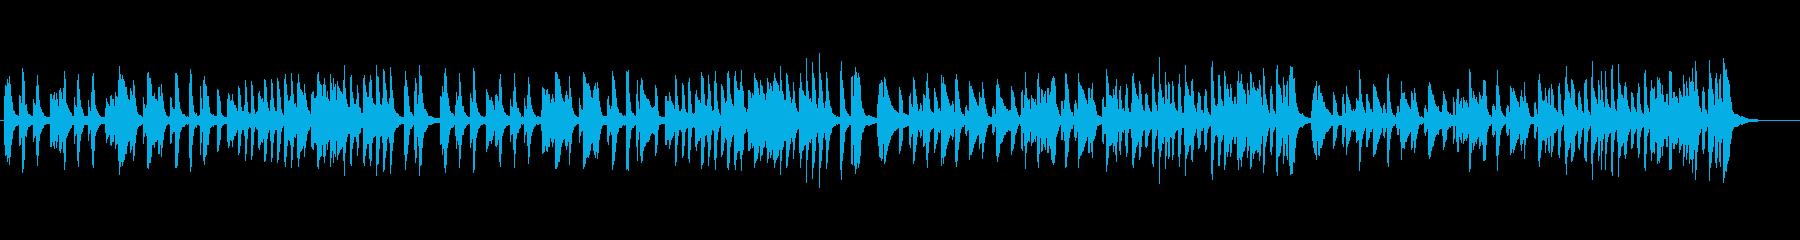 クラシックピアノソロ、行進曲風の再生済みの波形